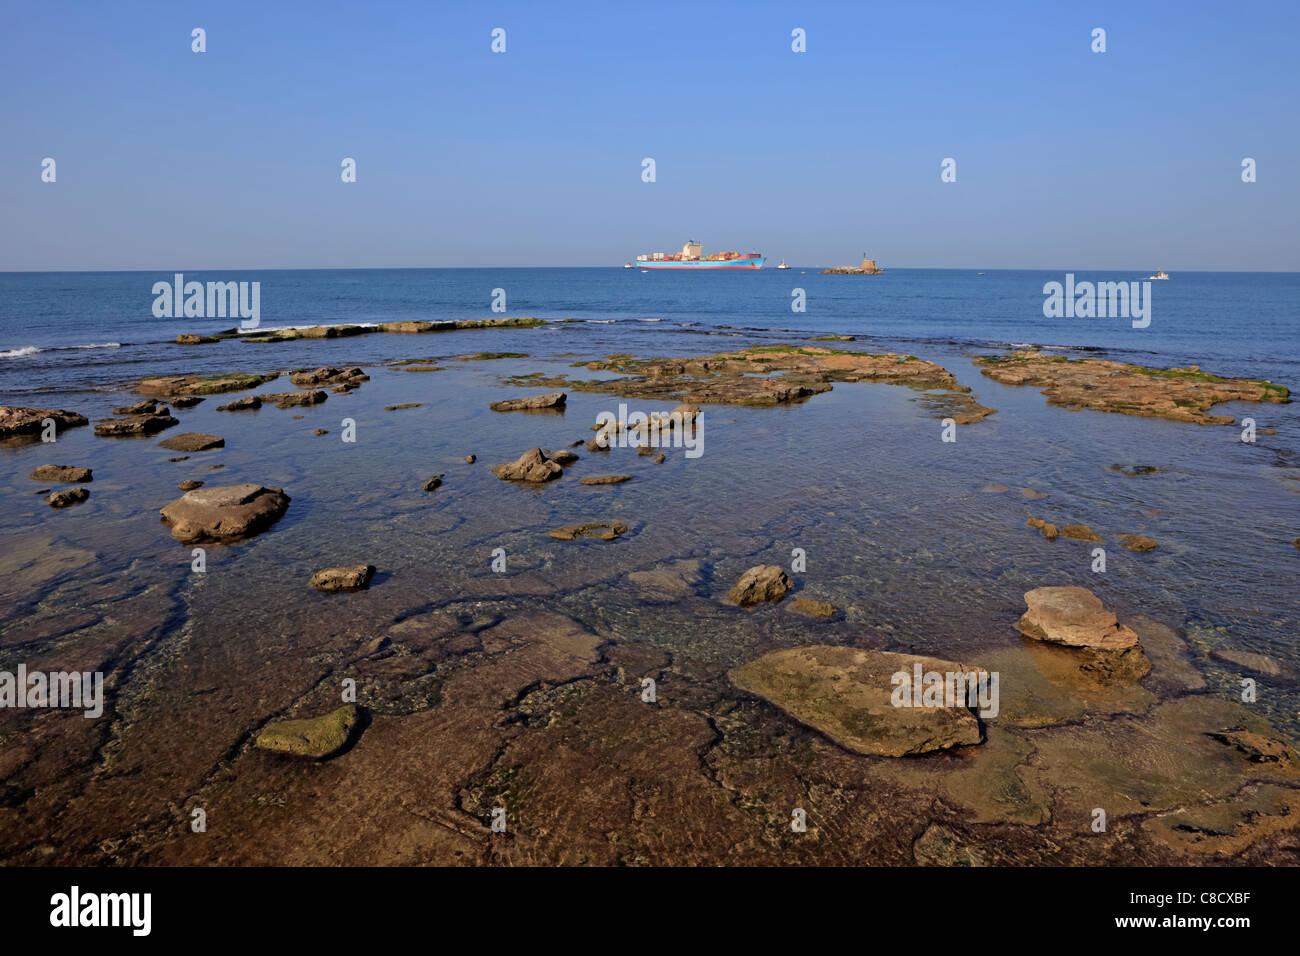 L'archipel de Livourne en Méditerranée Banque D'Images